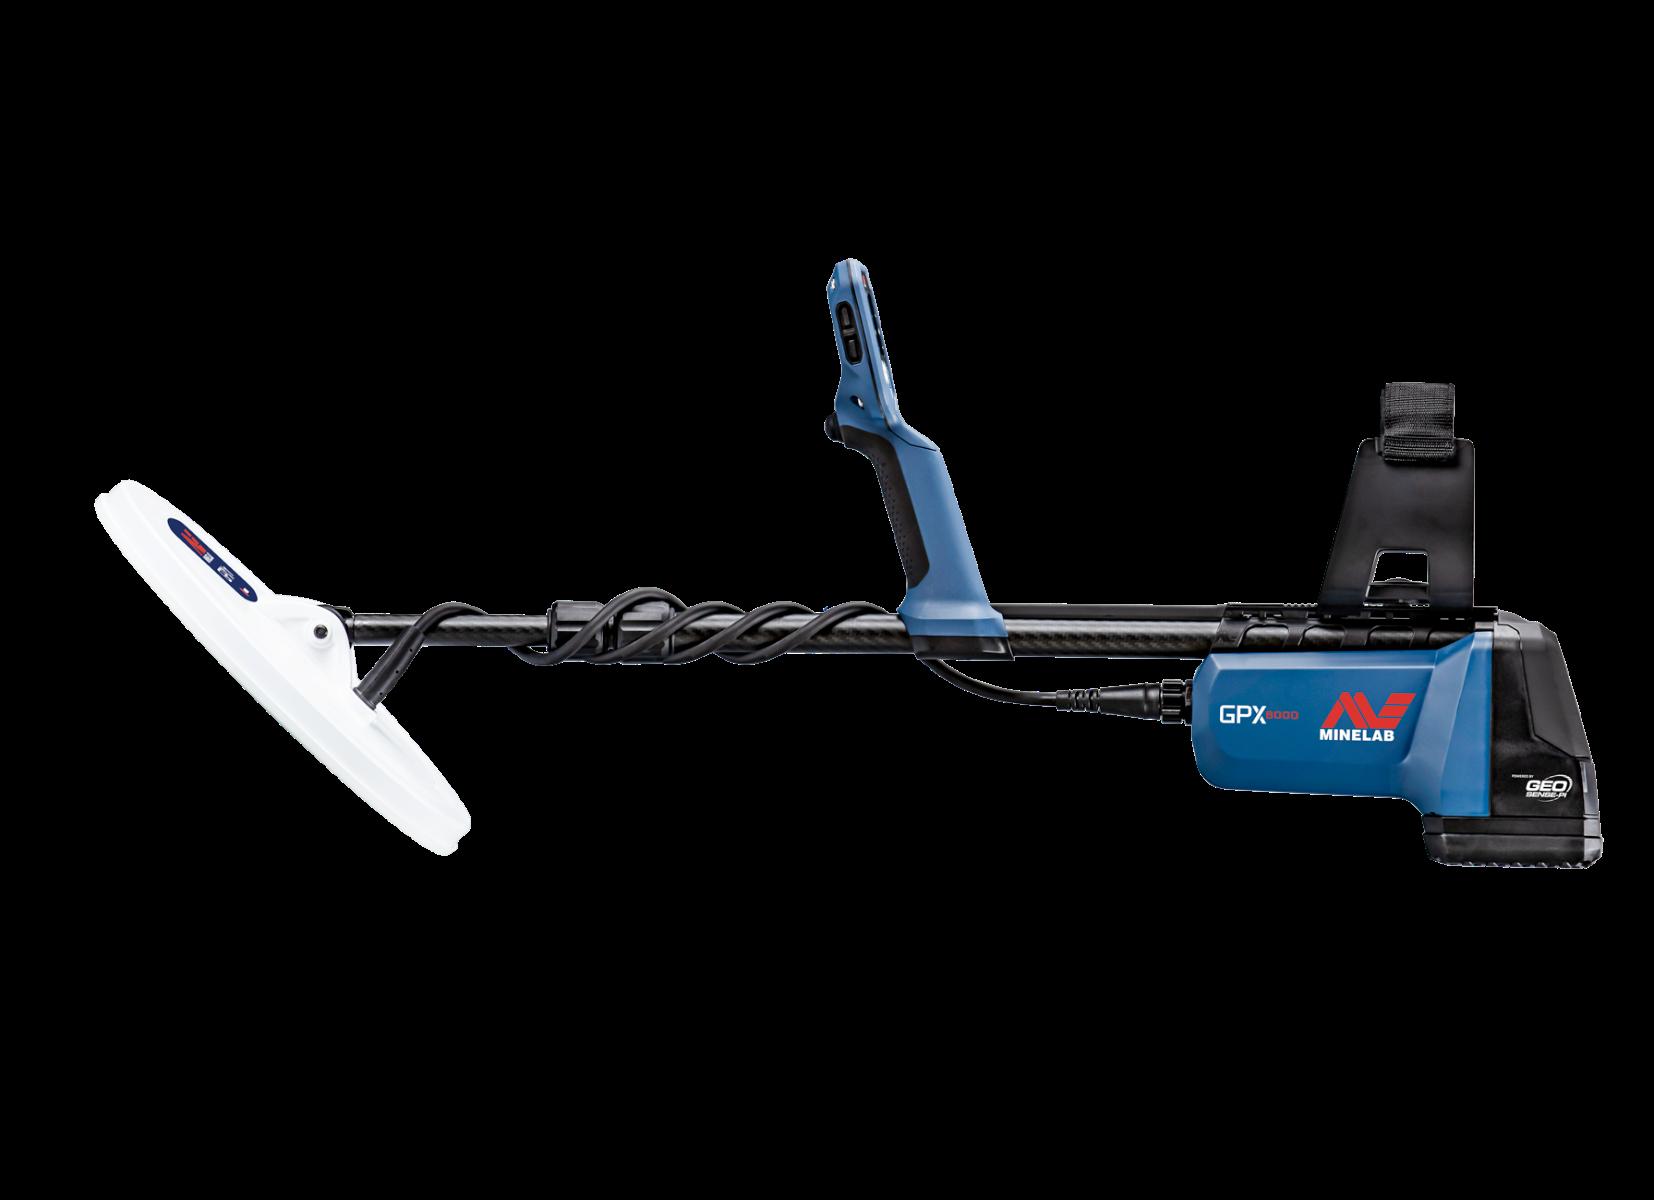 Minelab GPX 6000